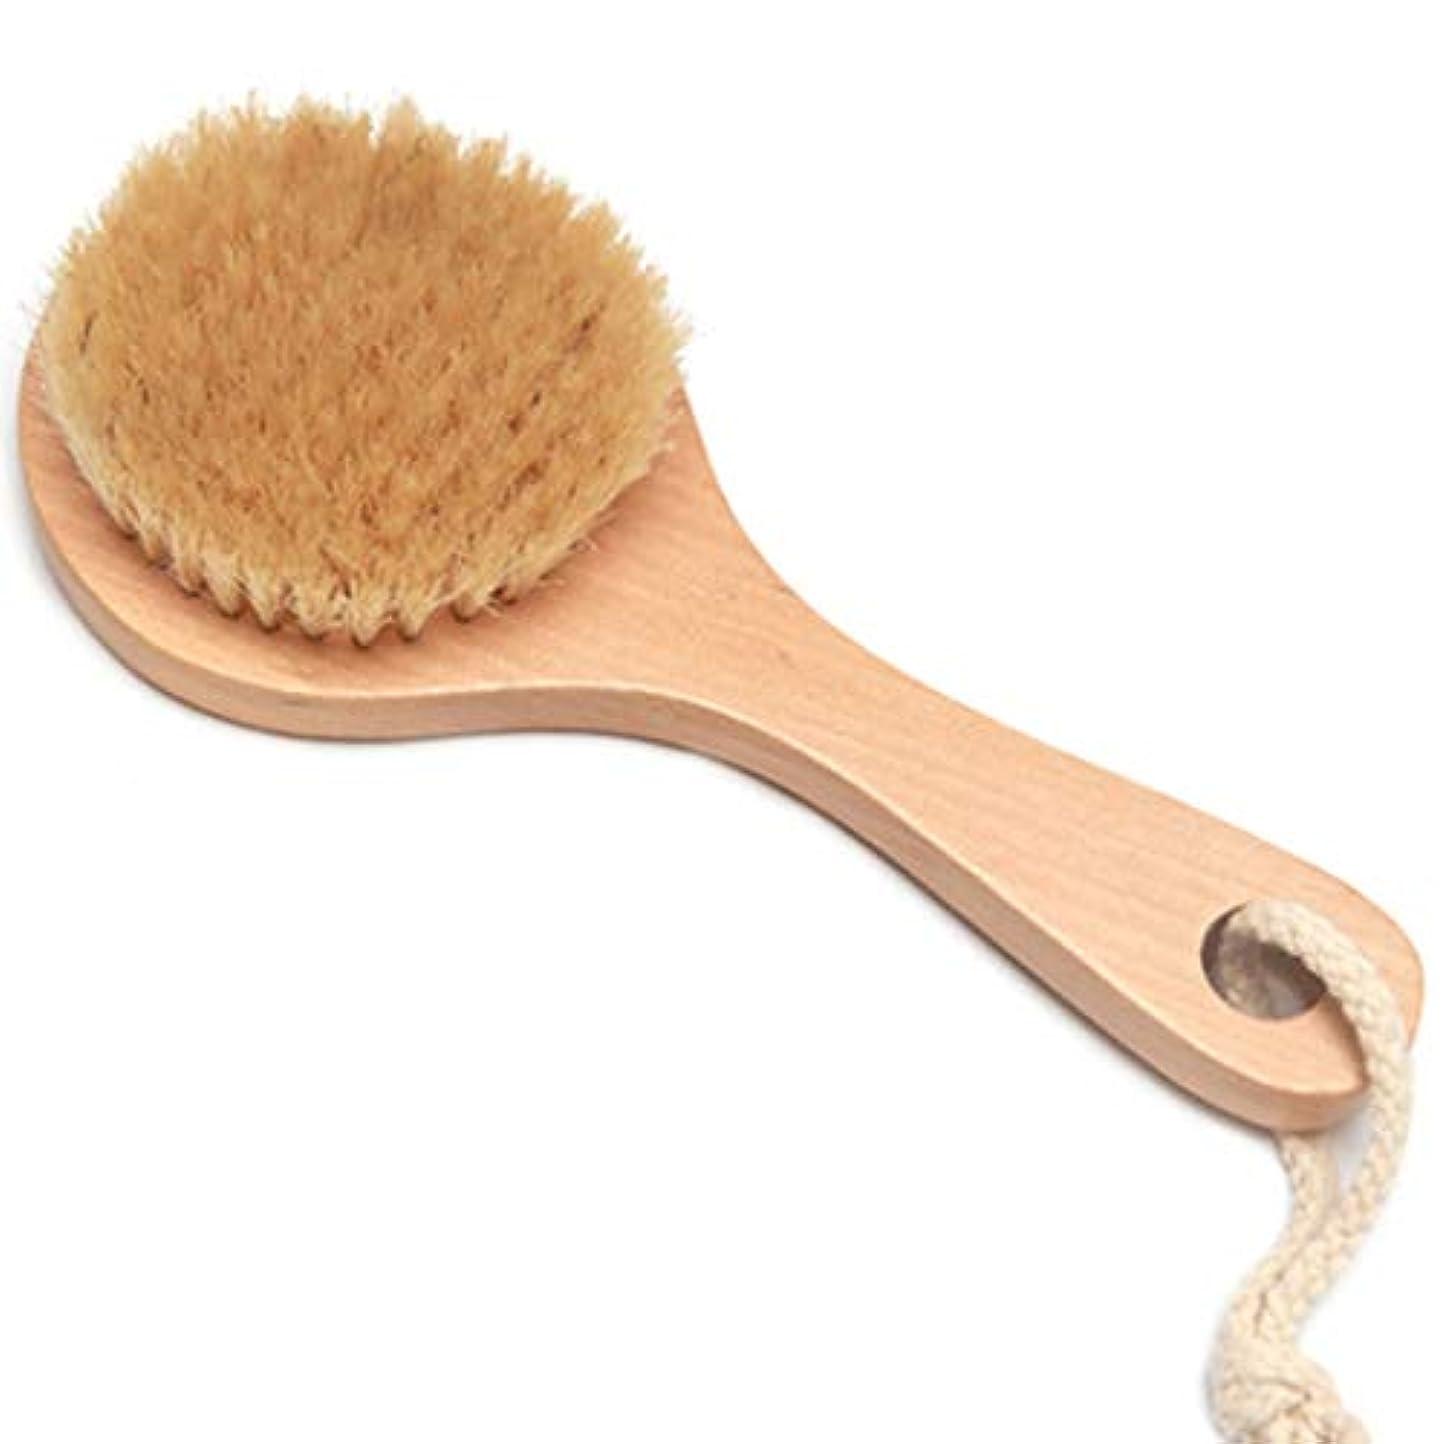 雇用者親指宗教バスブラシバックブラシロングハンドルやわらかい毛髪バスブラシバスブラシ角質除去クリーニングブラシ (Color : Wood color, Size : 20*7.5cm)